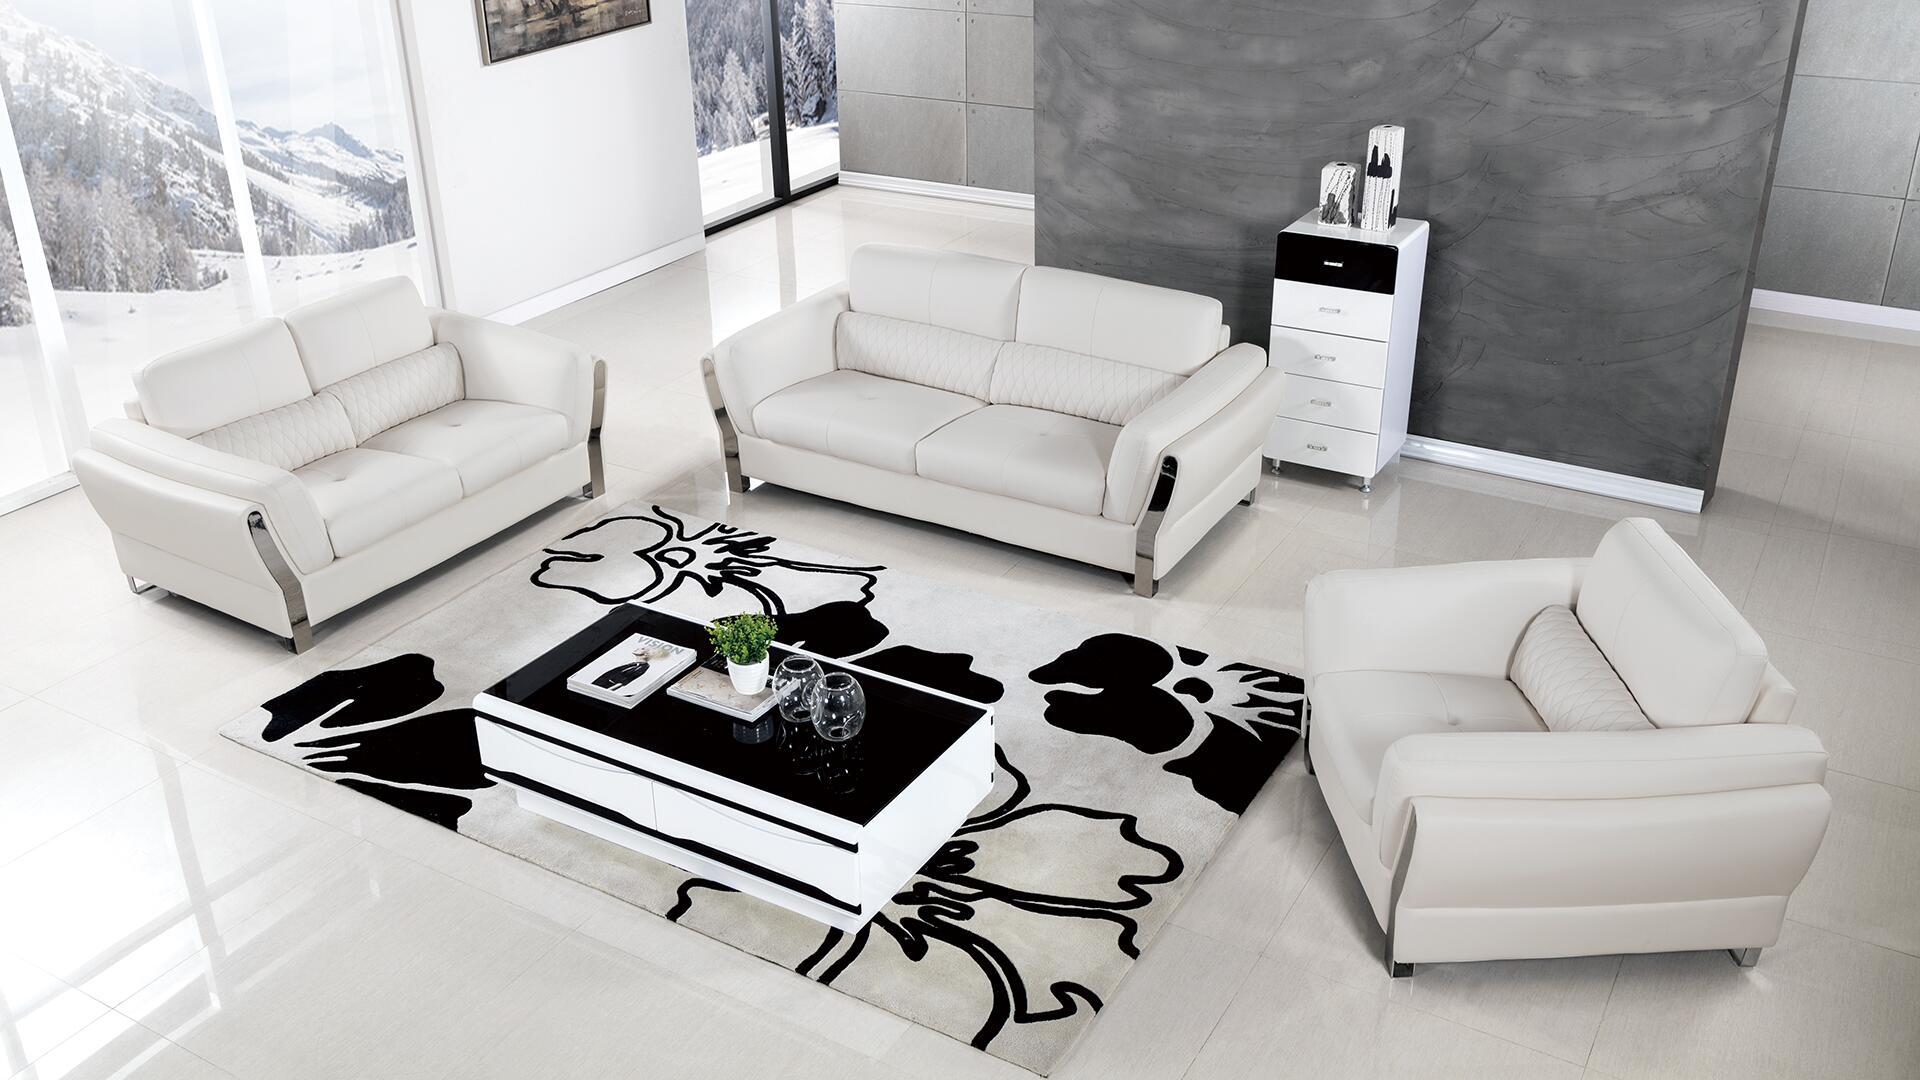 American Eagle Furniture AE690W